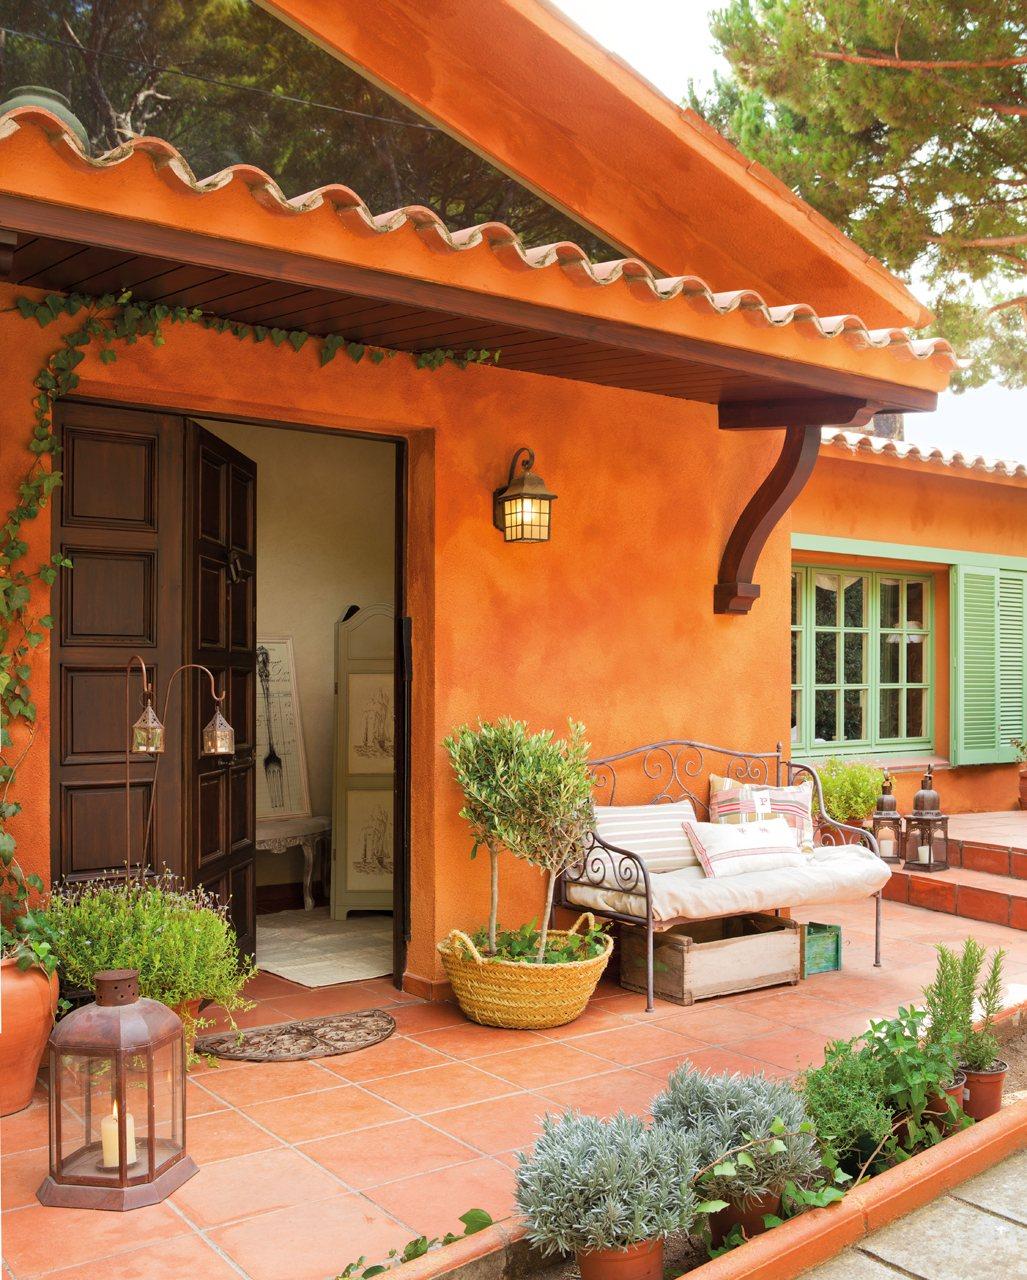 Casa de estilo provenzal for Cuanto cuesta hacer una alberca en mexico